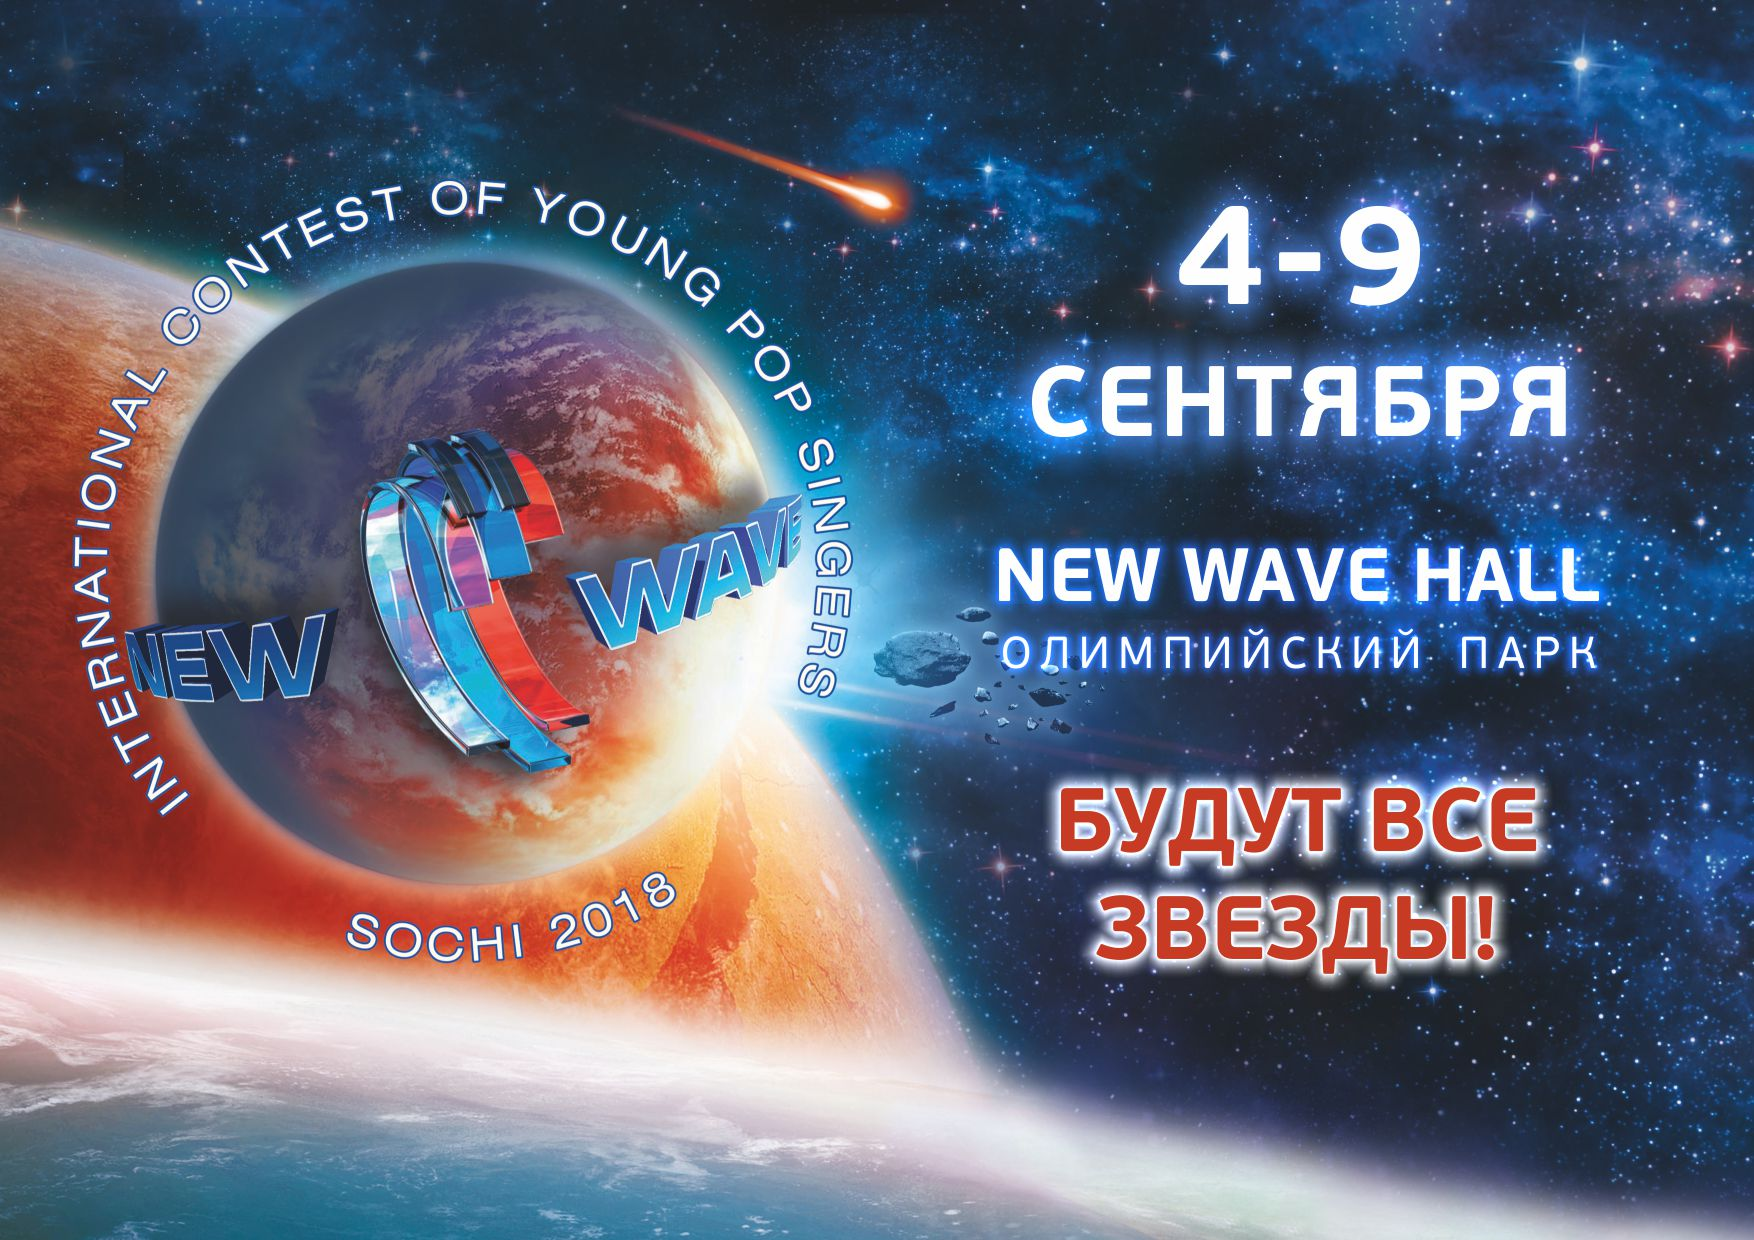 Купить билет на концерт Новая волна